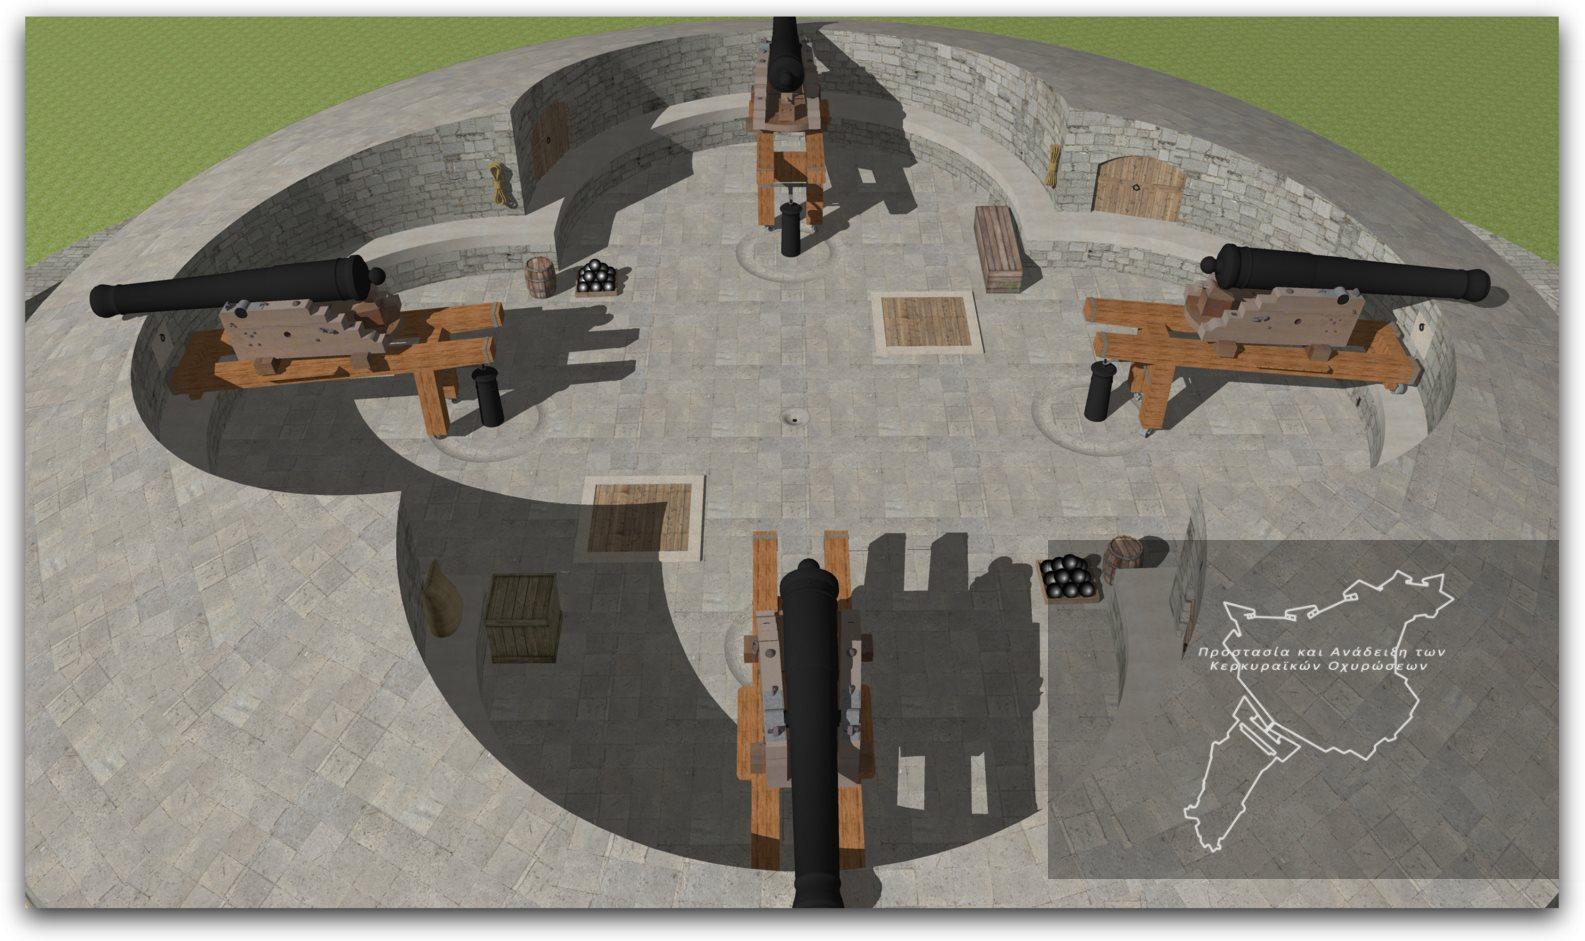 Τα τέσσερα πυροβόλα στην κορυφή του πύργου. 3D digital reconstruction